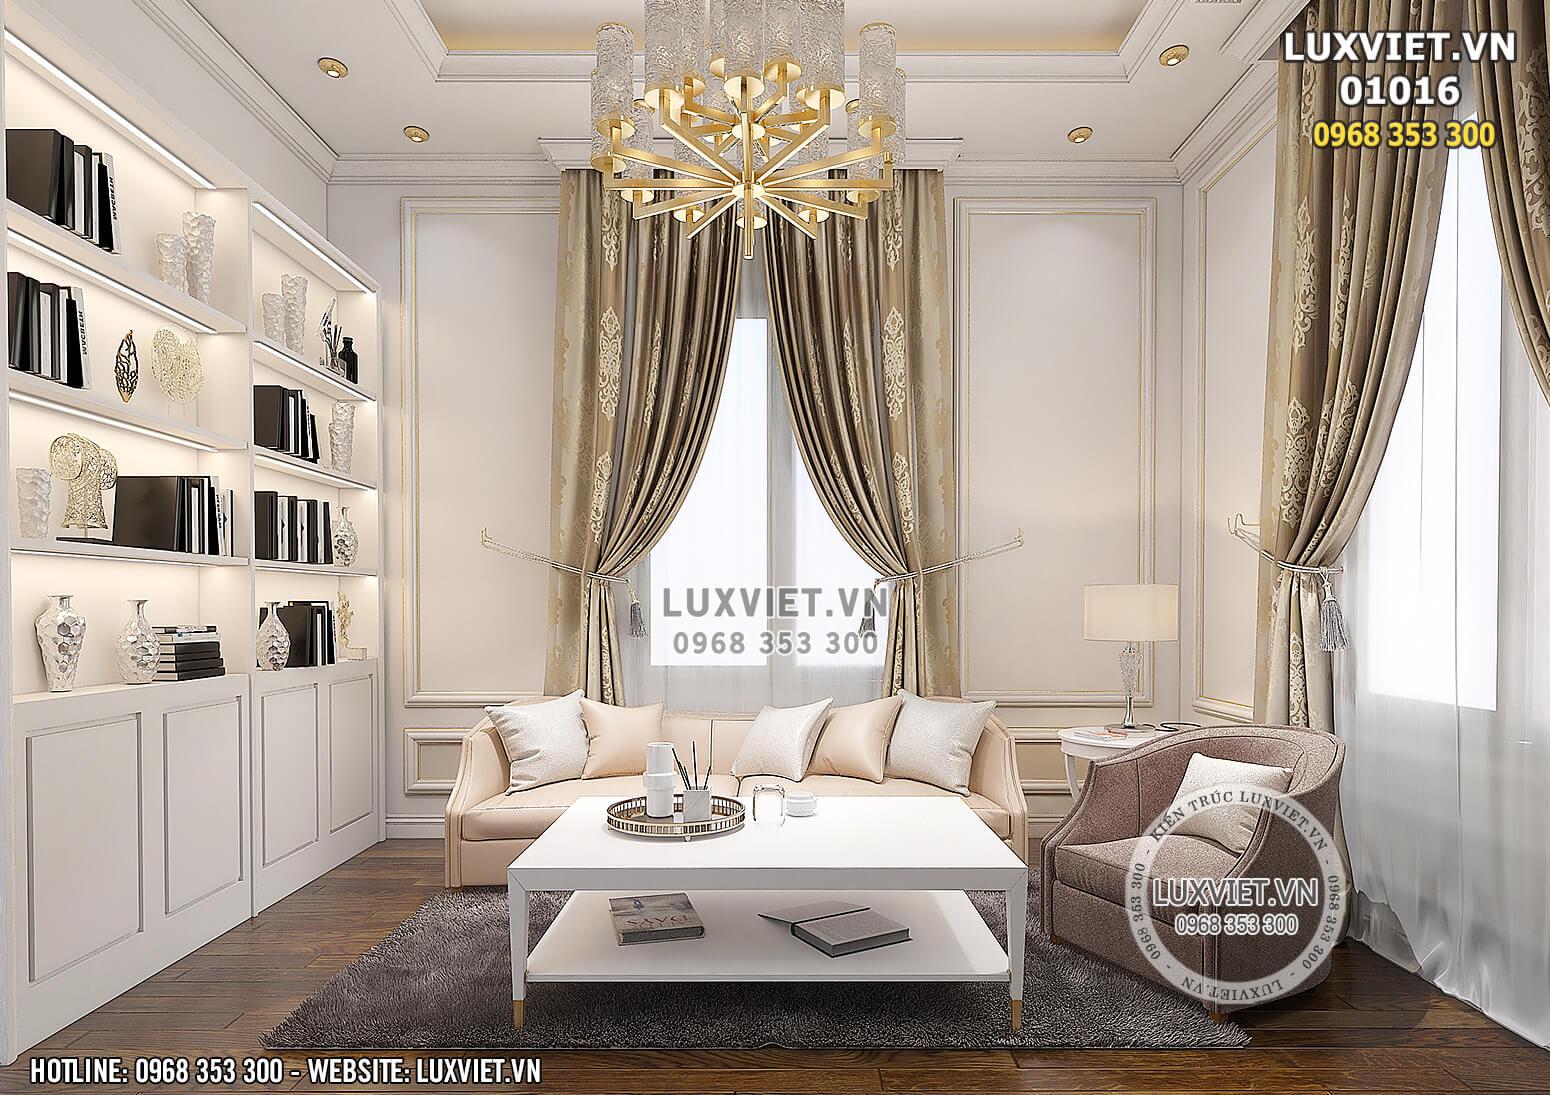 Hình ảnh: Không gian khu vực phòng sinh hoạt chung của mẫu thiết kế nội thất tân cổ điển đẹp 1